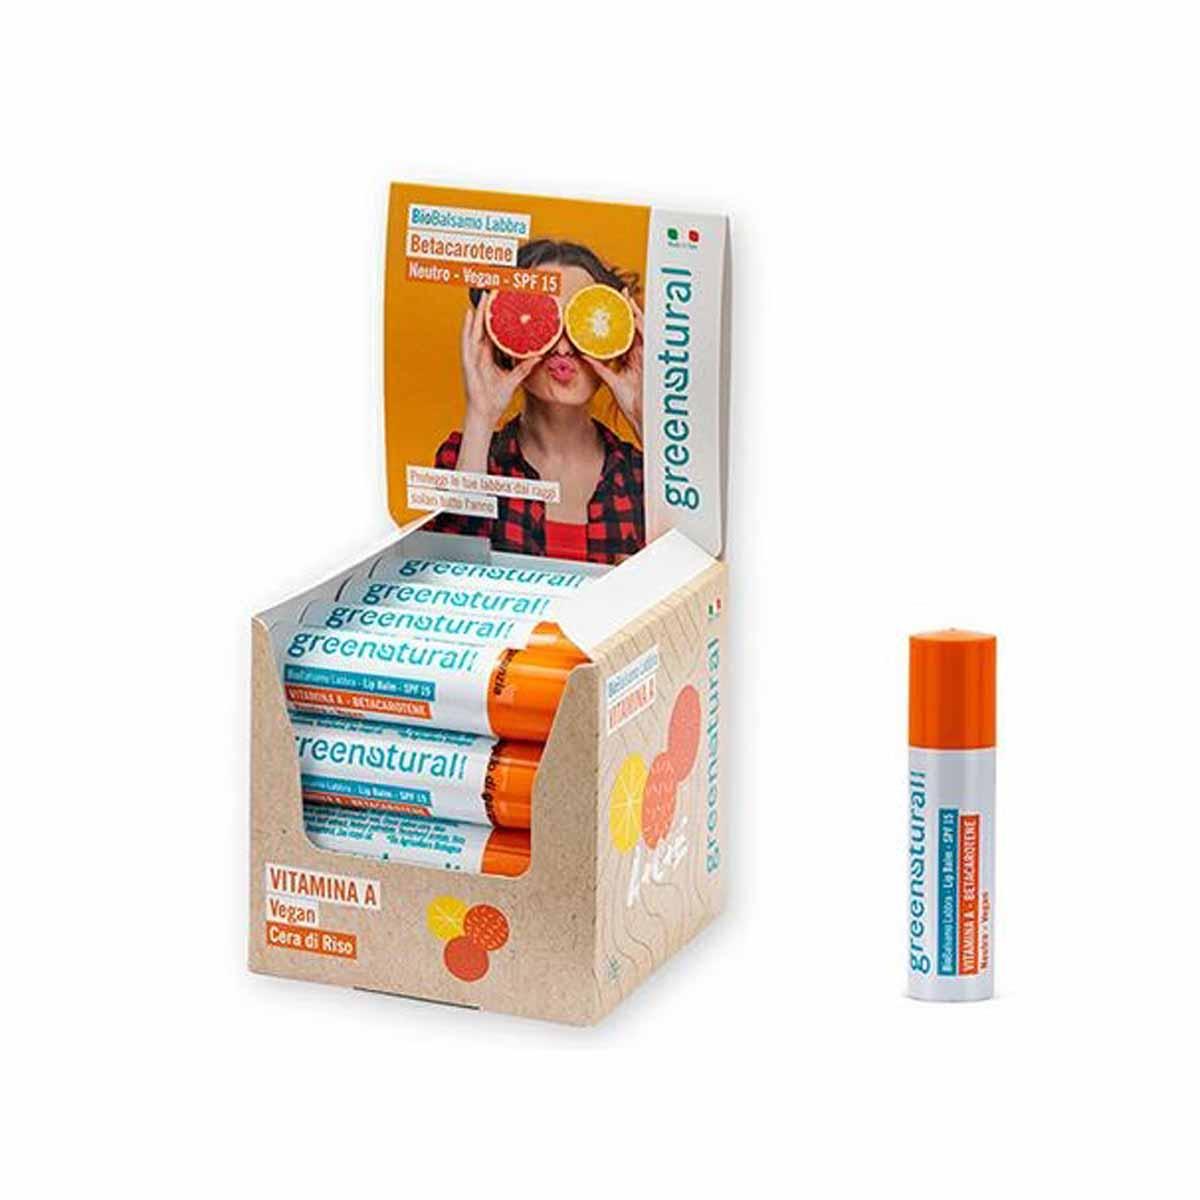 Greenatural – Balsamo Labbra Stick Vitamina A con SPF 15